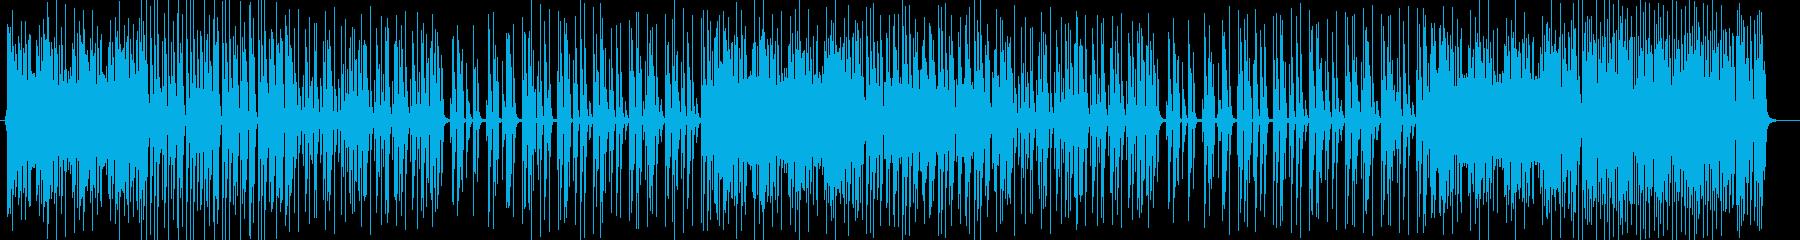 はじけるギター・シンセなどポップEDMの再生済みの波形